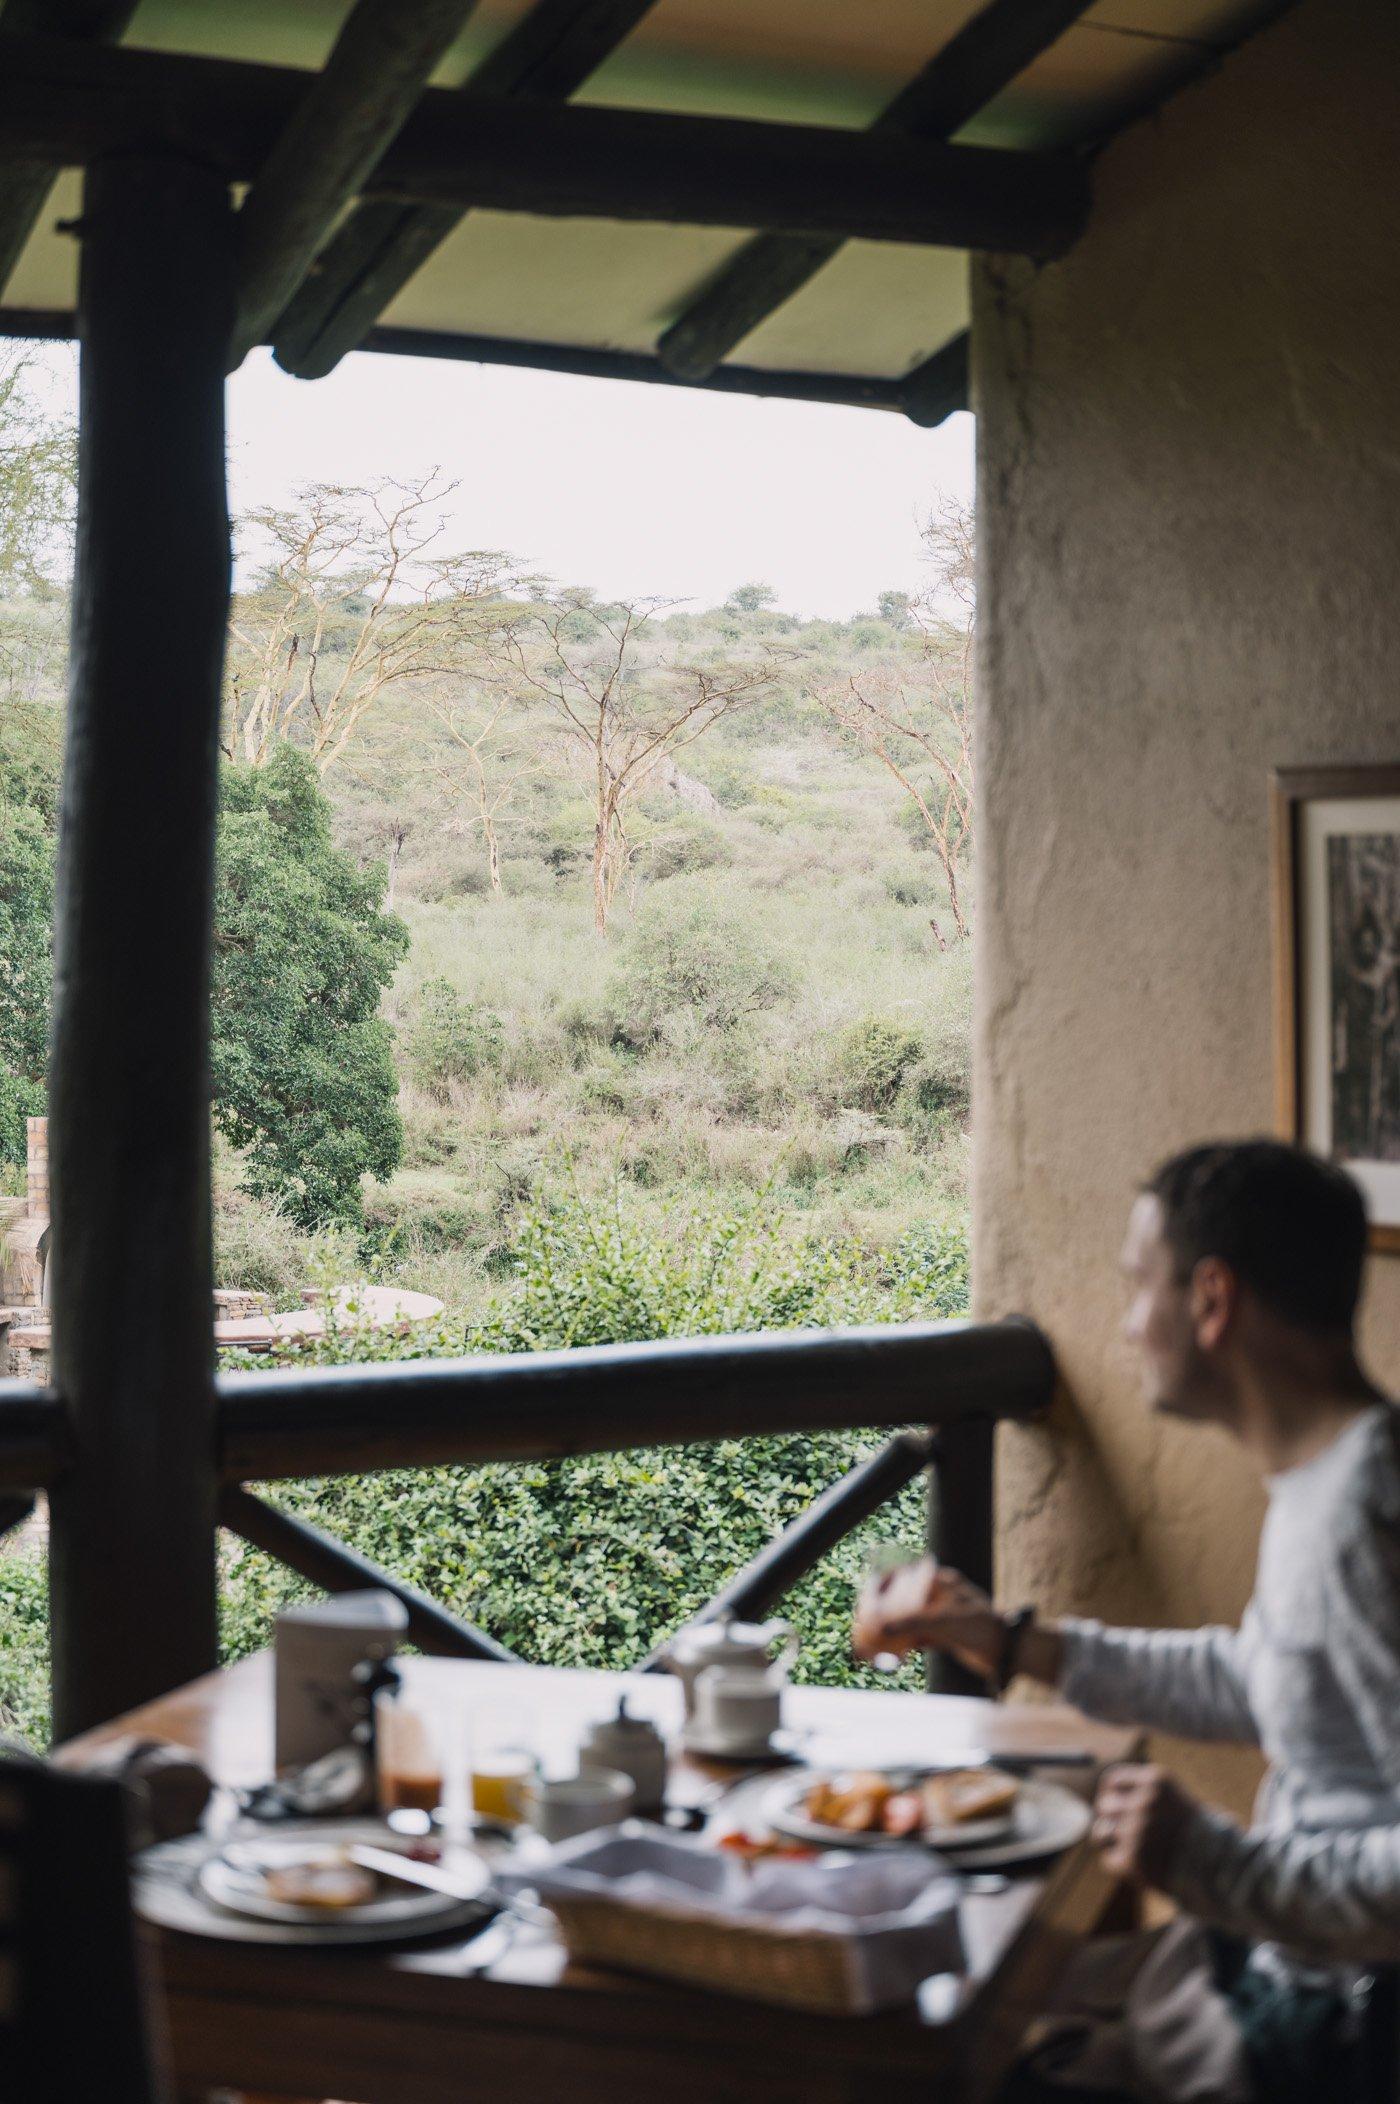 Breakfast at The Emakoko lodge Nairobi